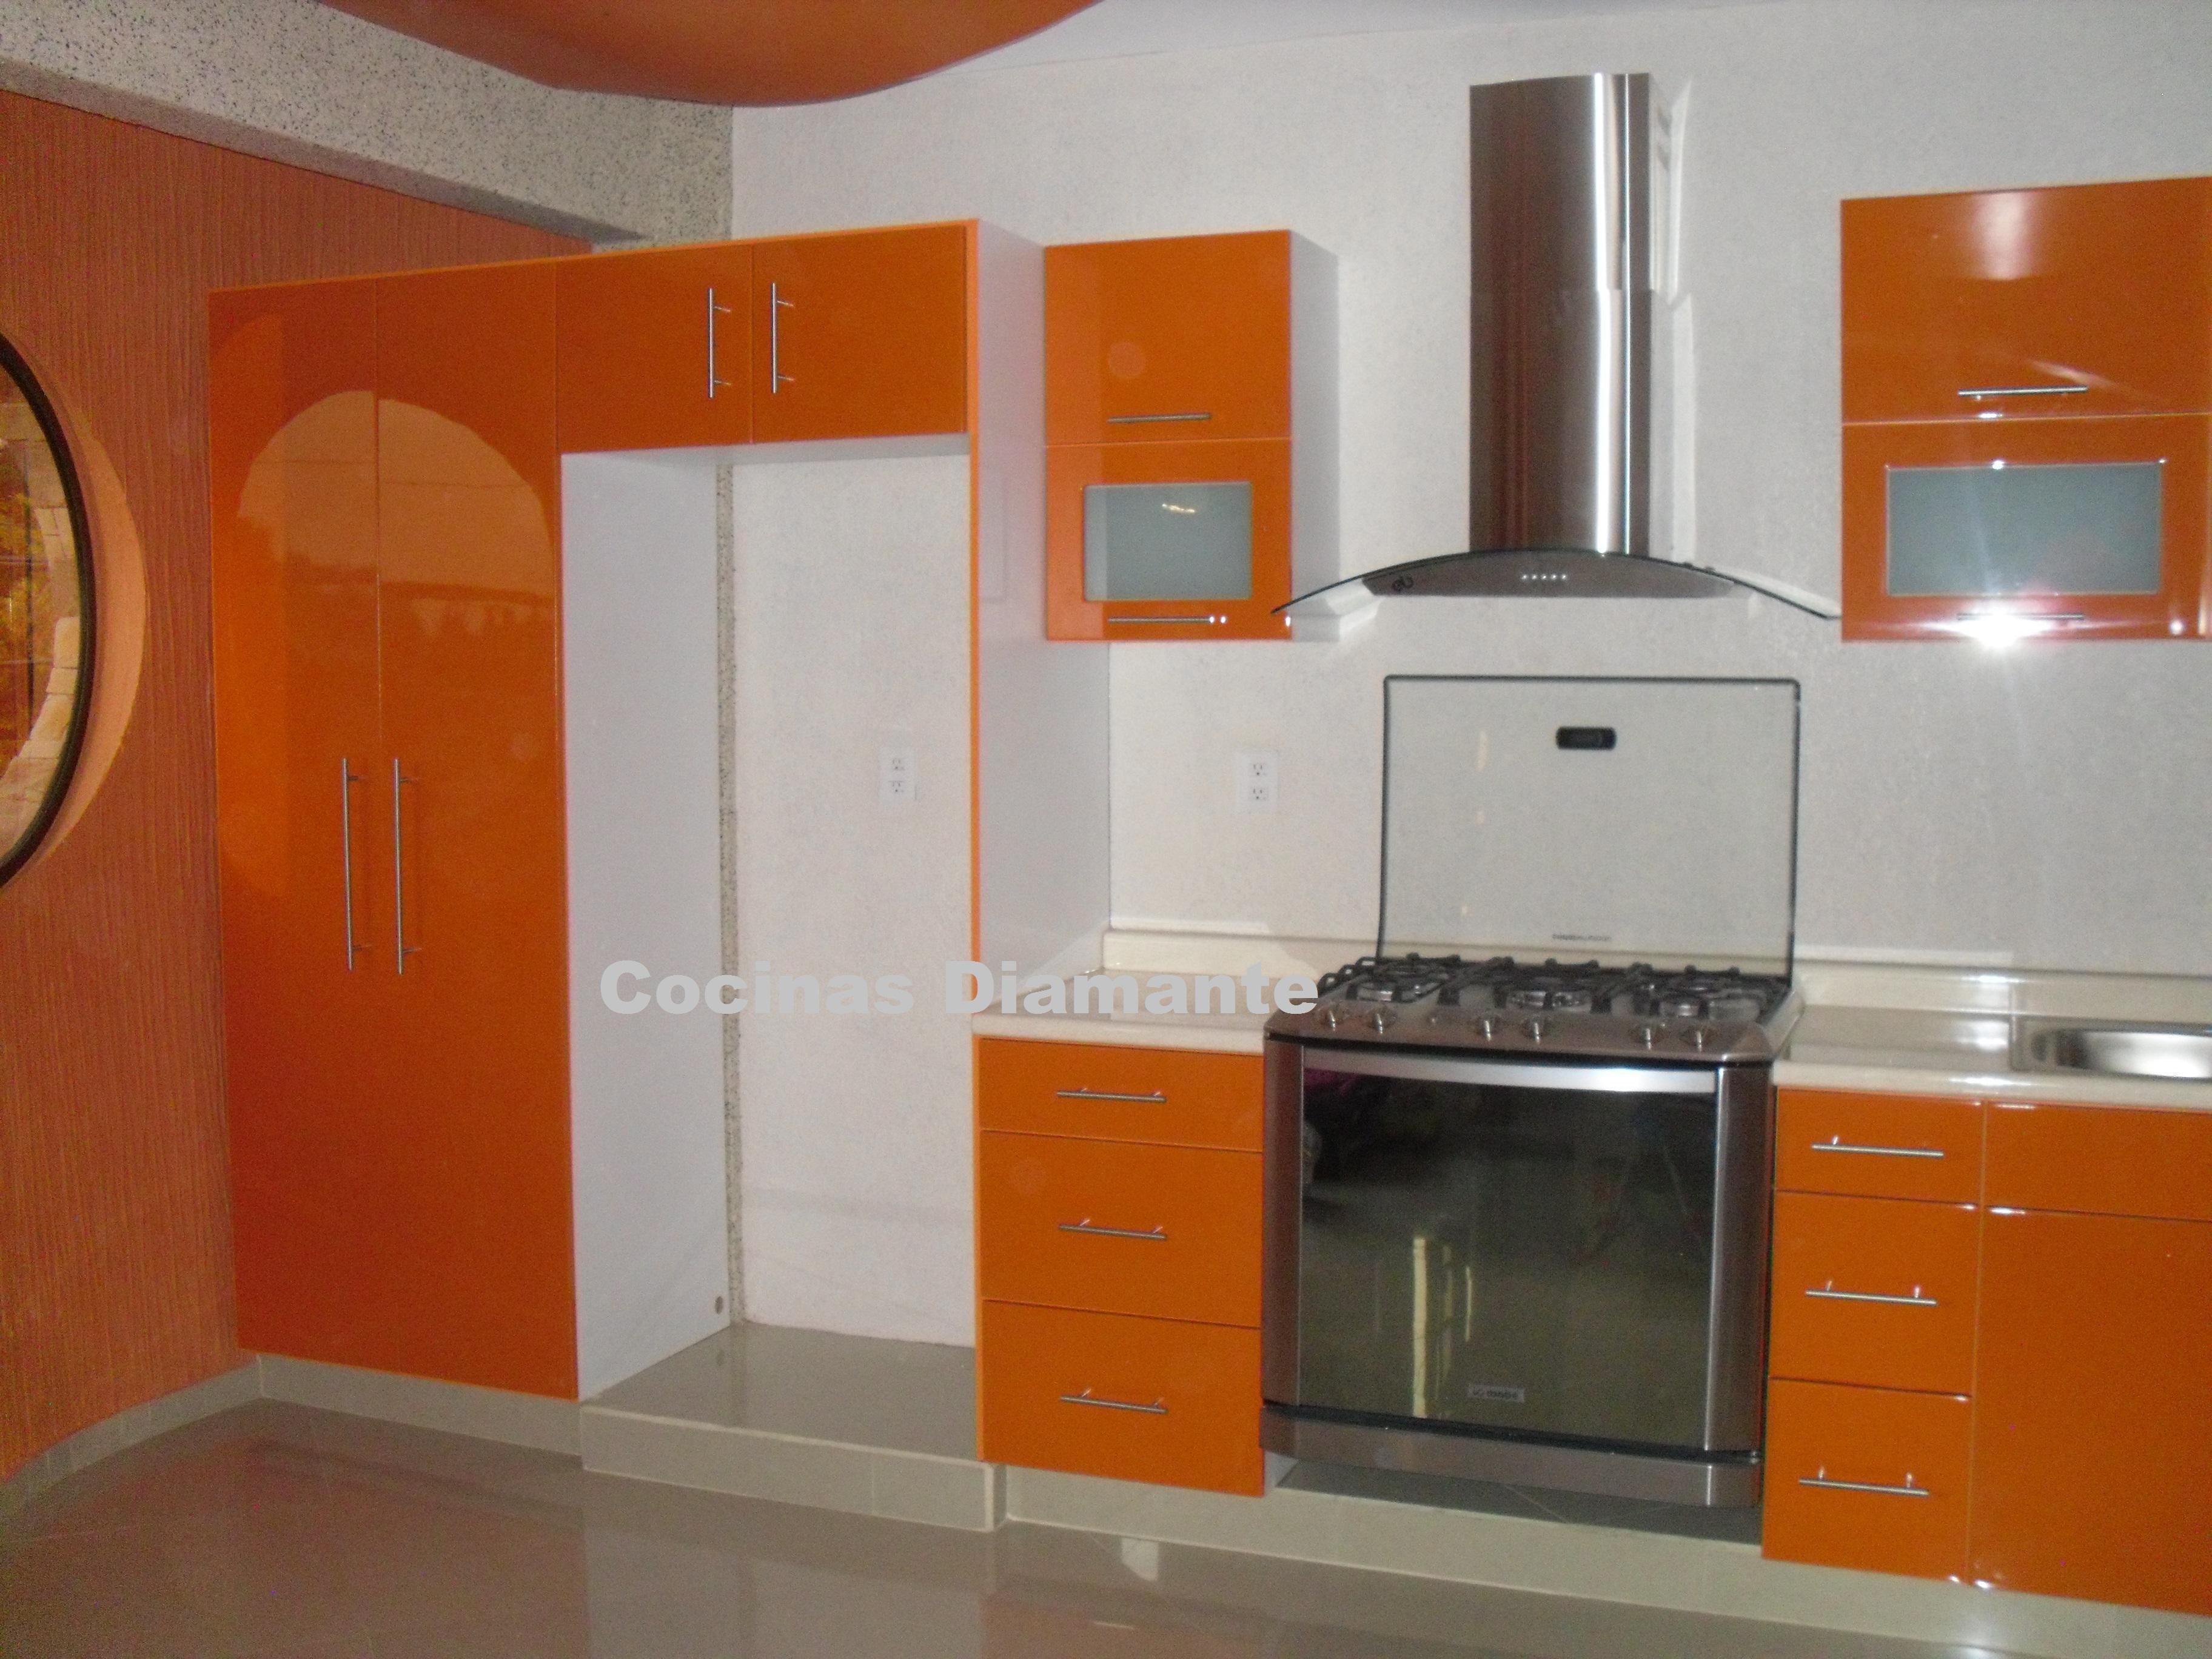 Cocinas integrales y closets for Cocina integral l